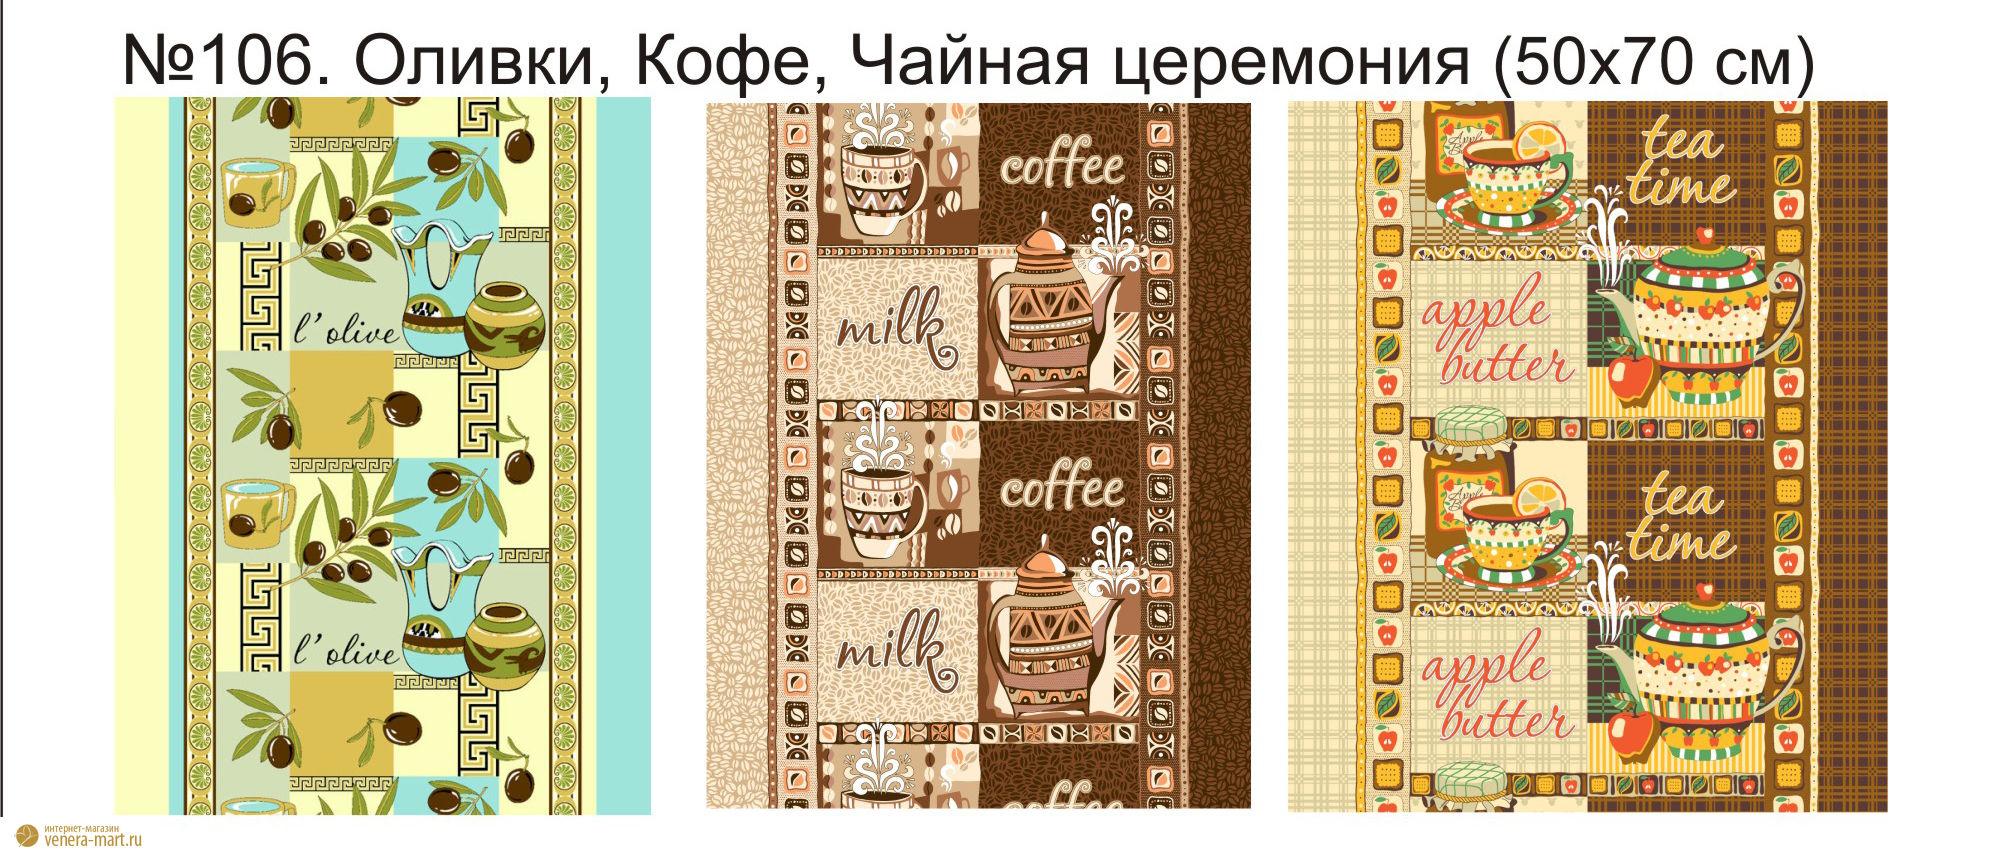 """Набор вафельных полотенец """"Оливки"""", """"Кофе"""", """"Чайная церемония"""""""